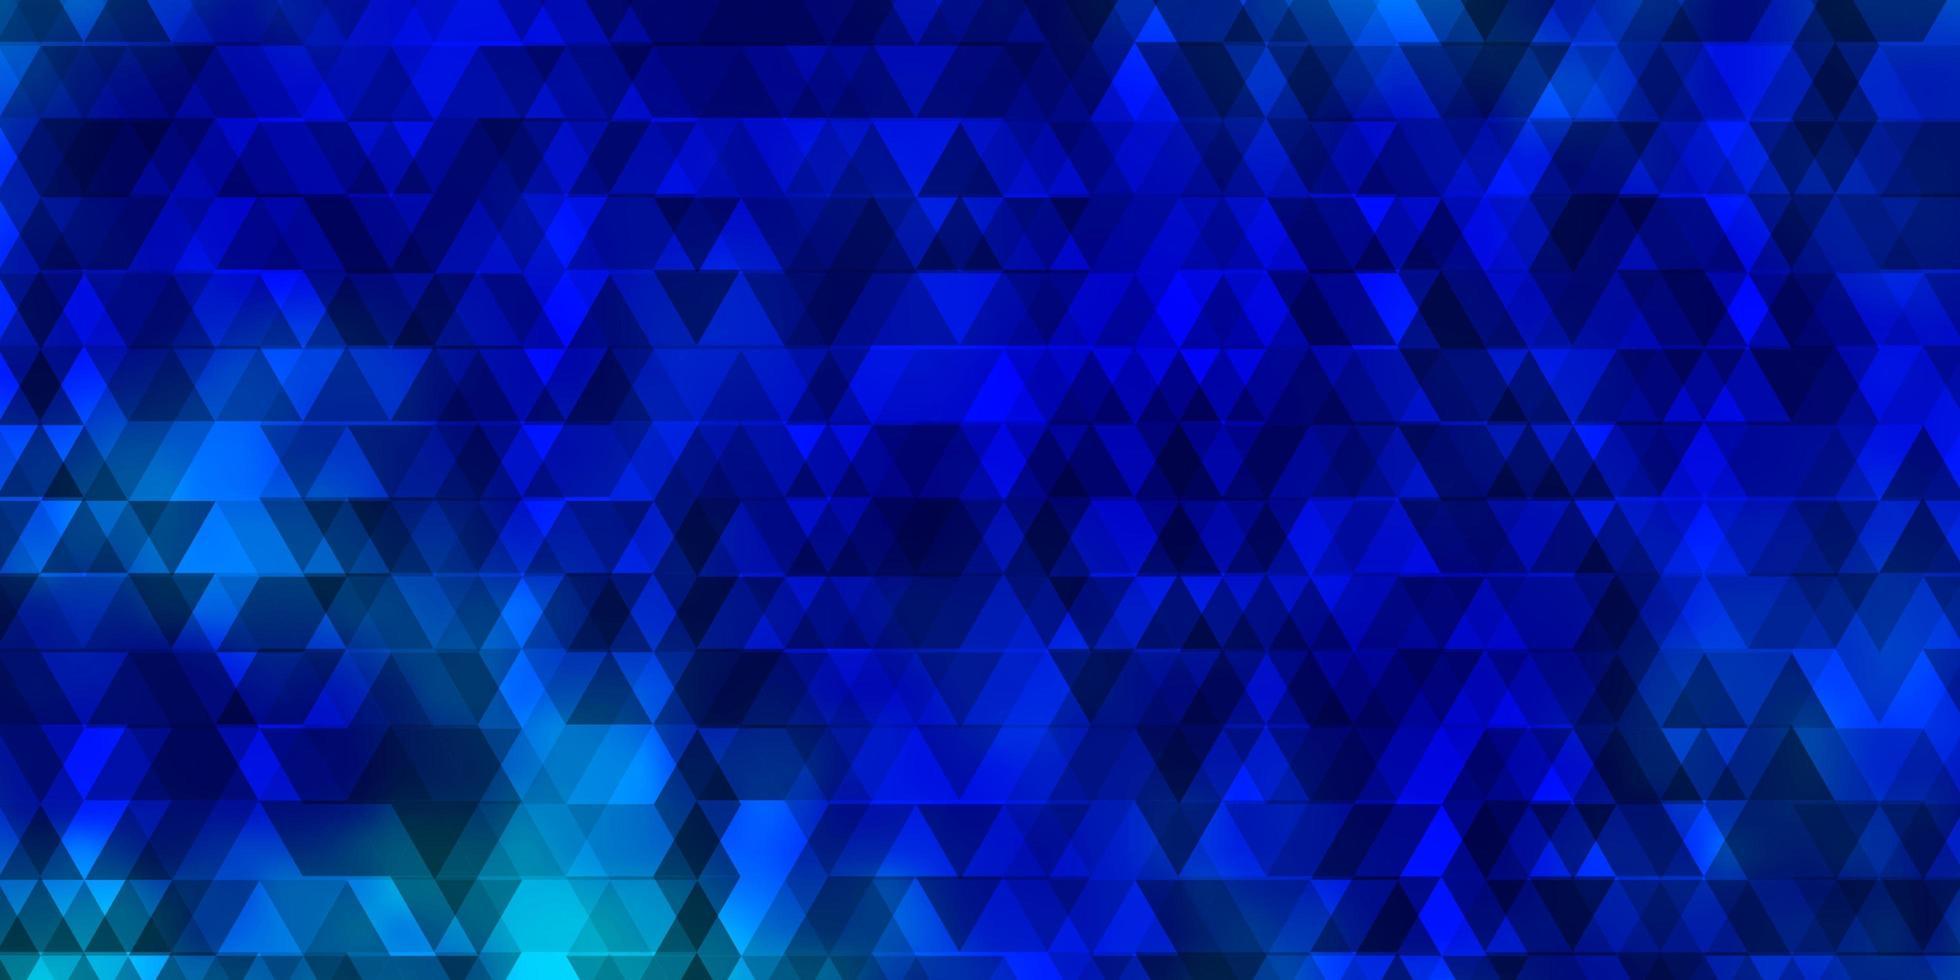 lichtblauw vectorpatroon met lijnen, driehoeken. vector